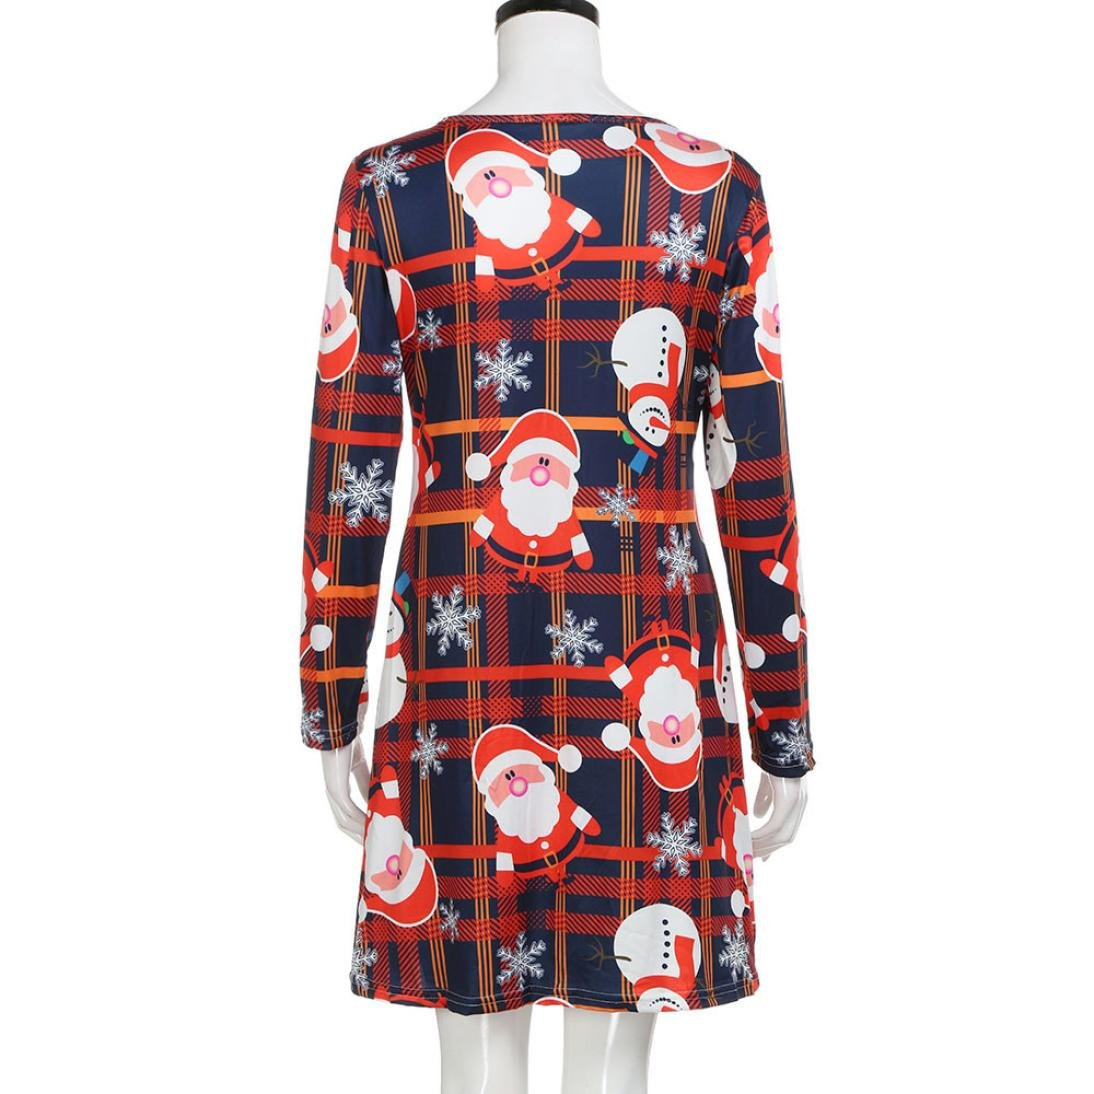 abea003367a2 Swing Kleid Damen Minikleid, Weihnachten Drucken Rundhals Lässiges Kleider  Weihnachtskleid Christmas RundhalsKleider Frauen Bluse Lange